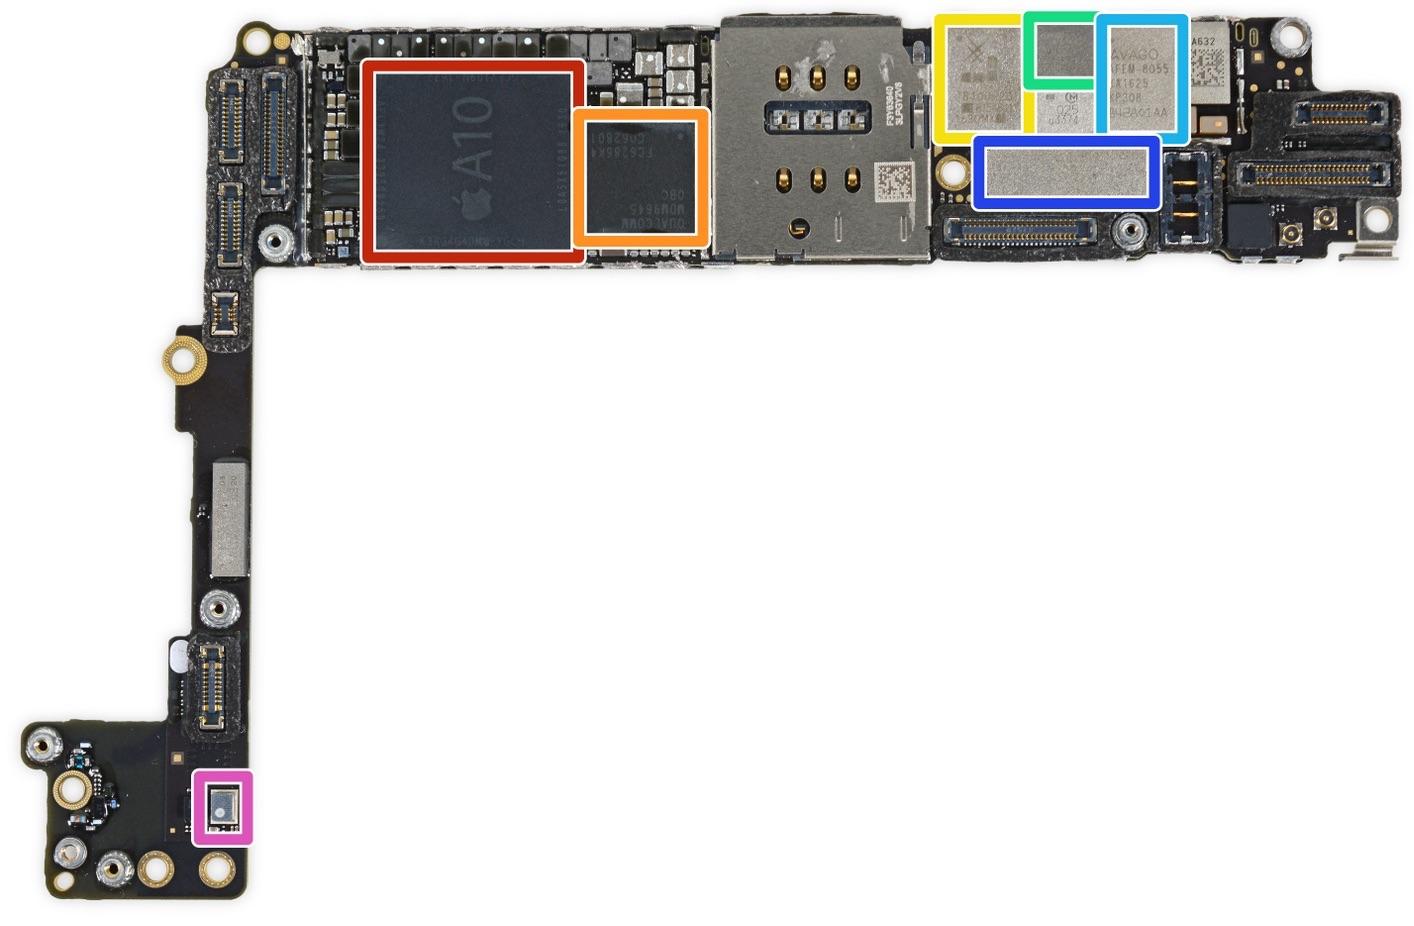 Iphone 7 Le Modem Intel Moins Performant Que Le Qualcomm